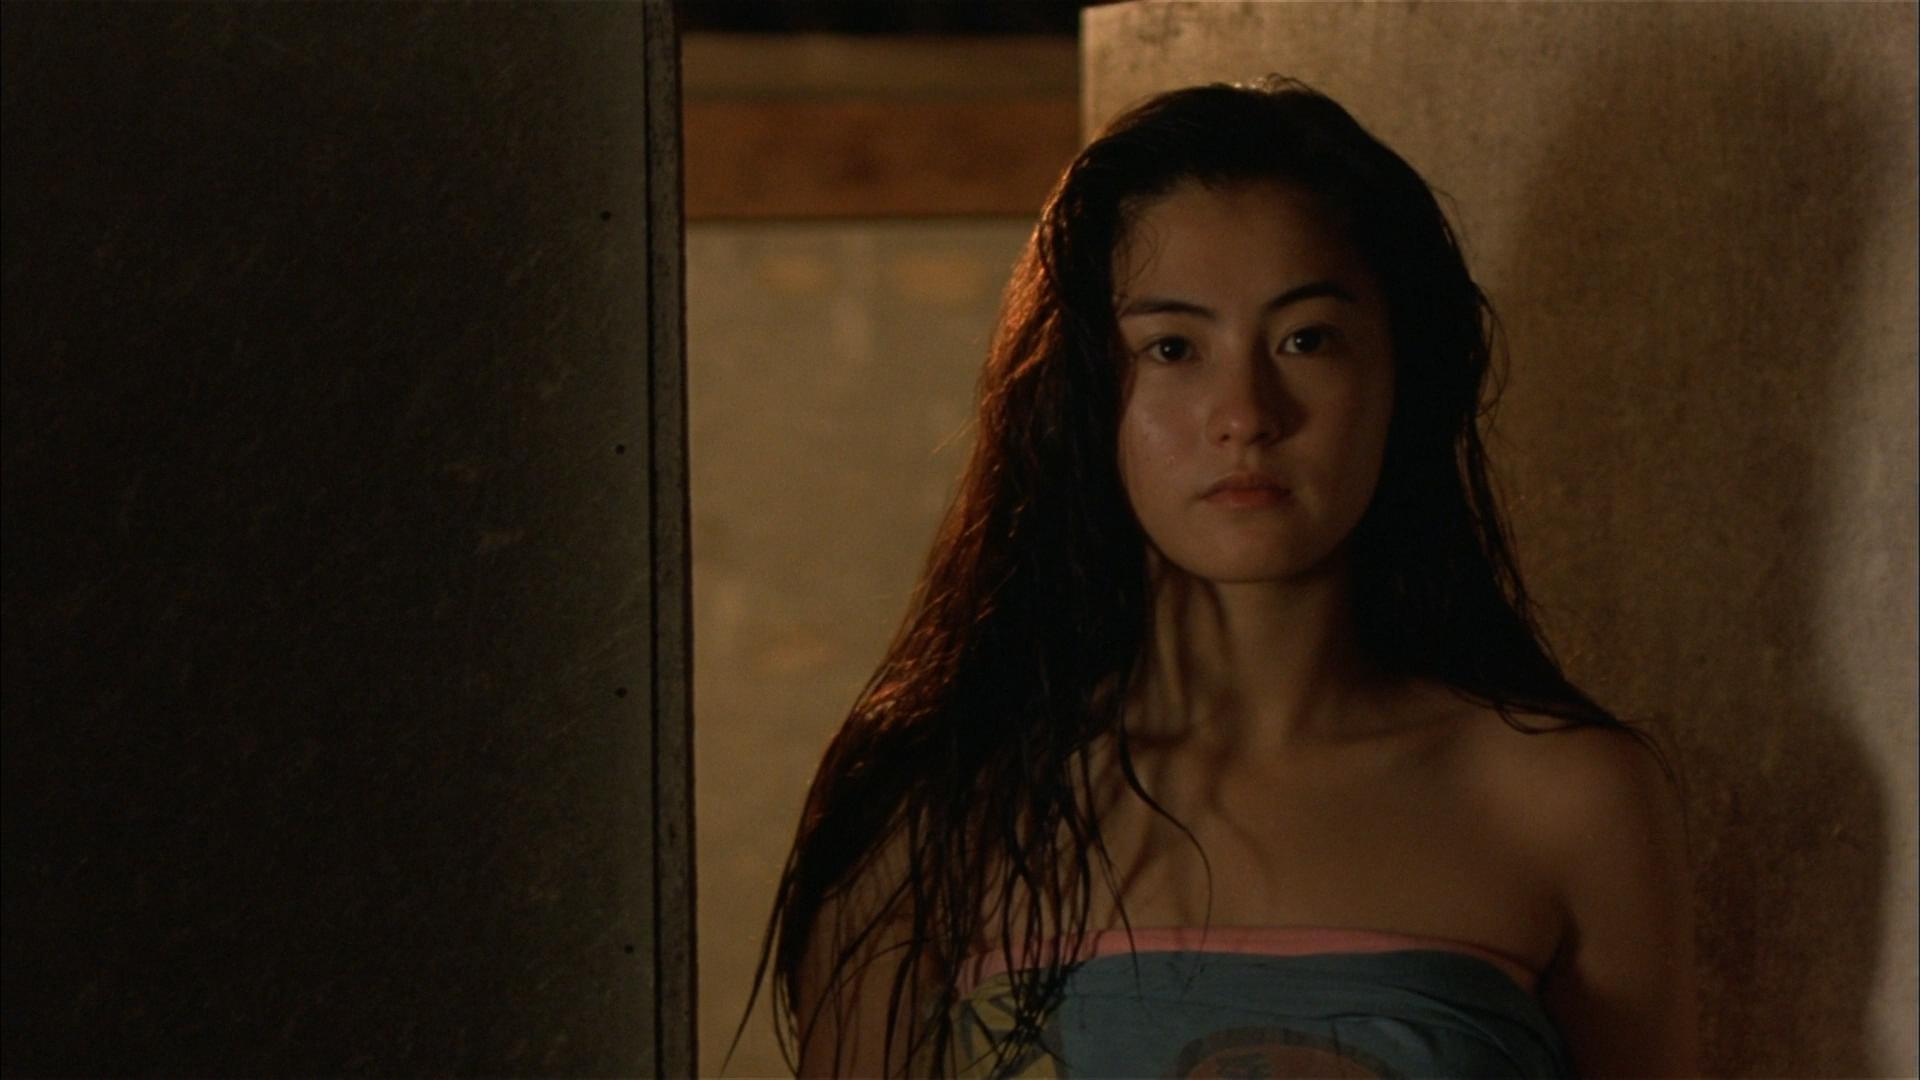 Cecilia Cheung in Lit foh chin che 2: Git suk chuen suet (1999)